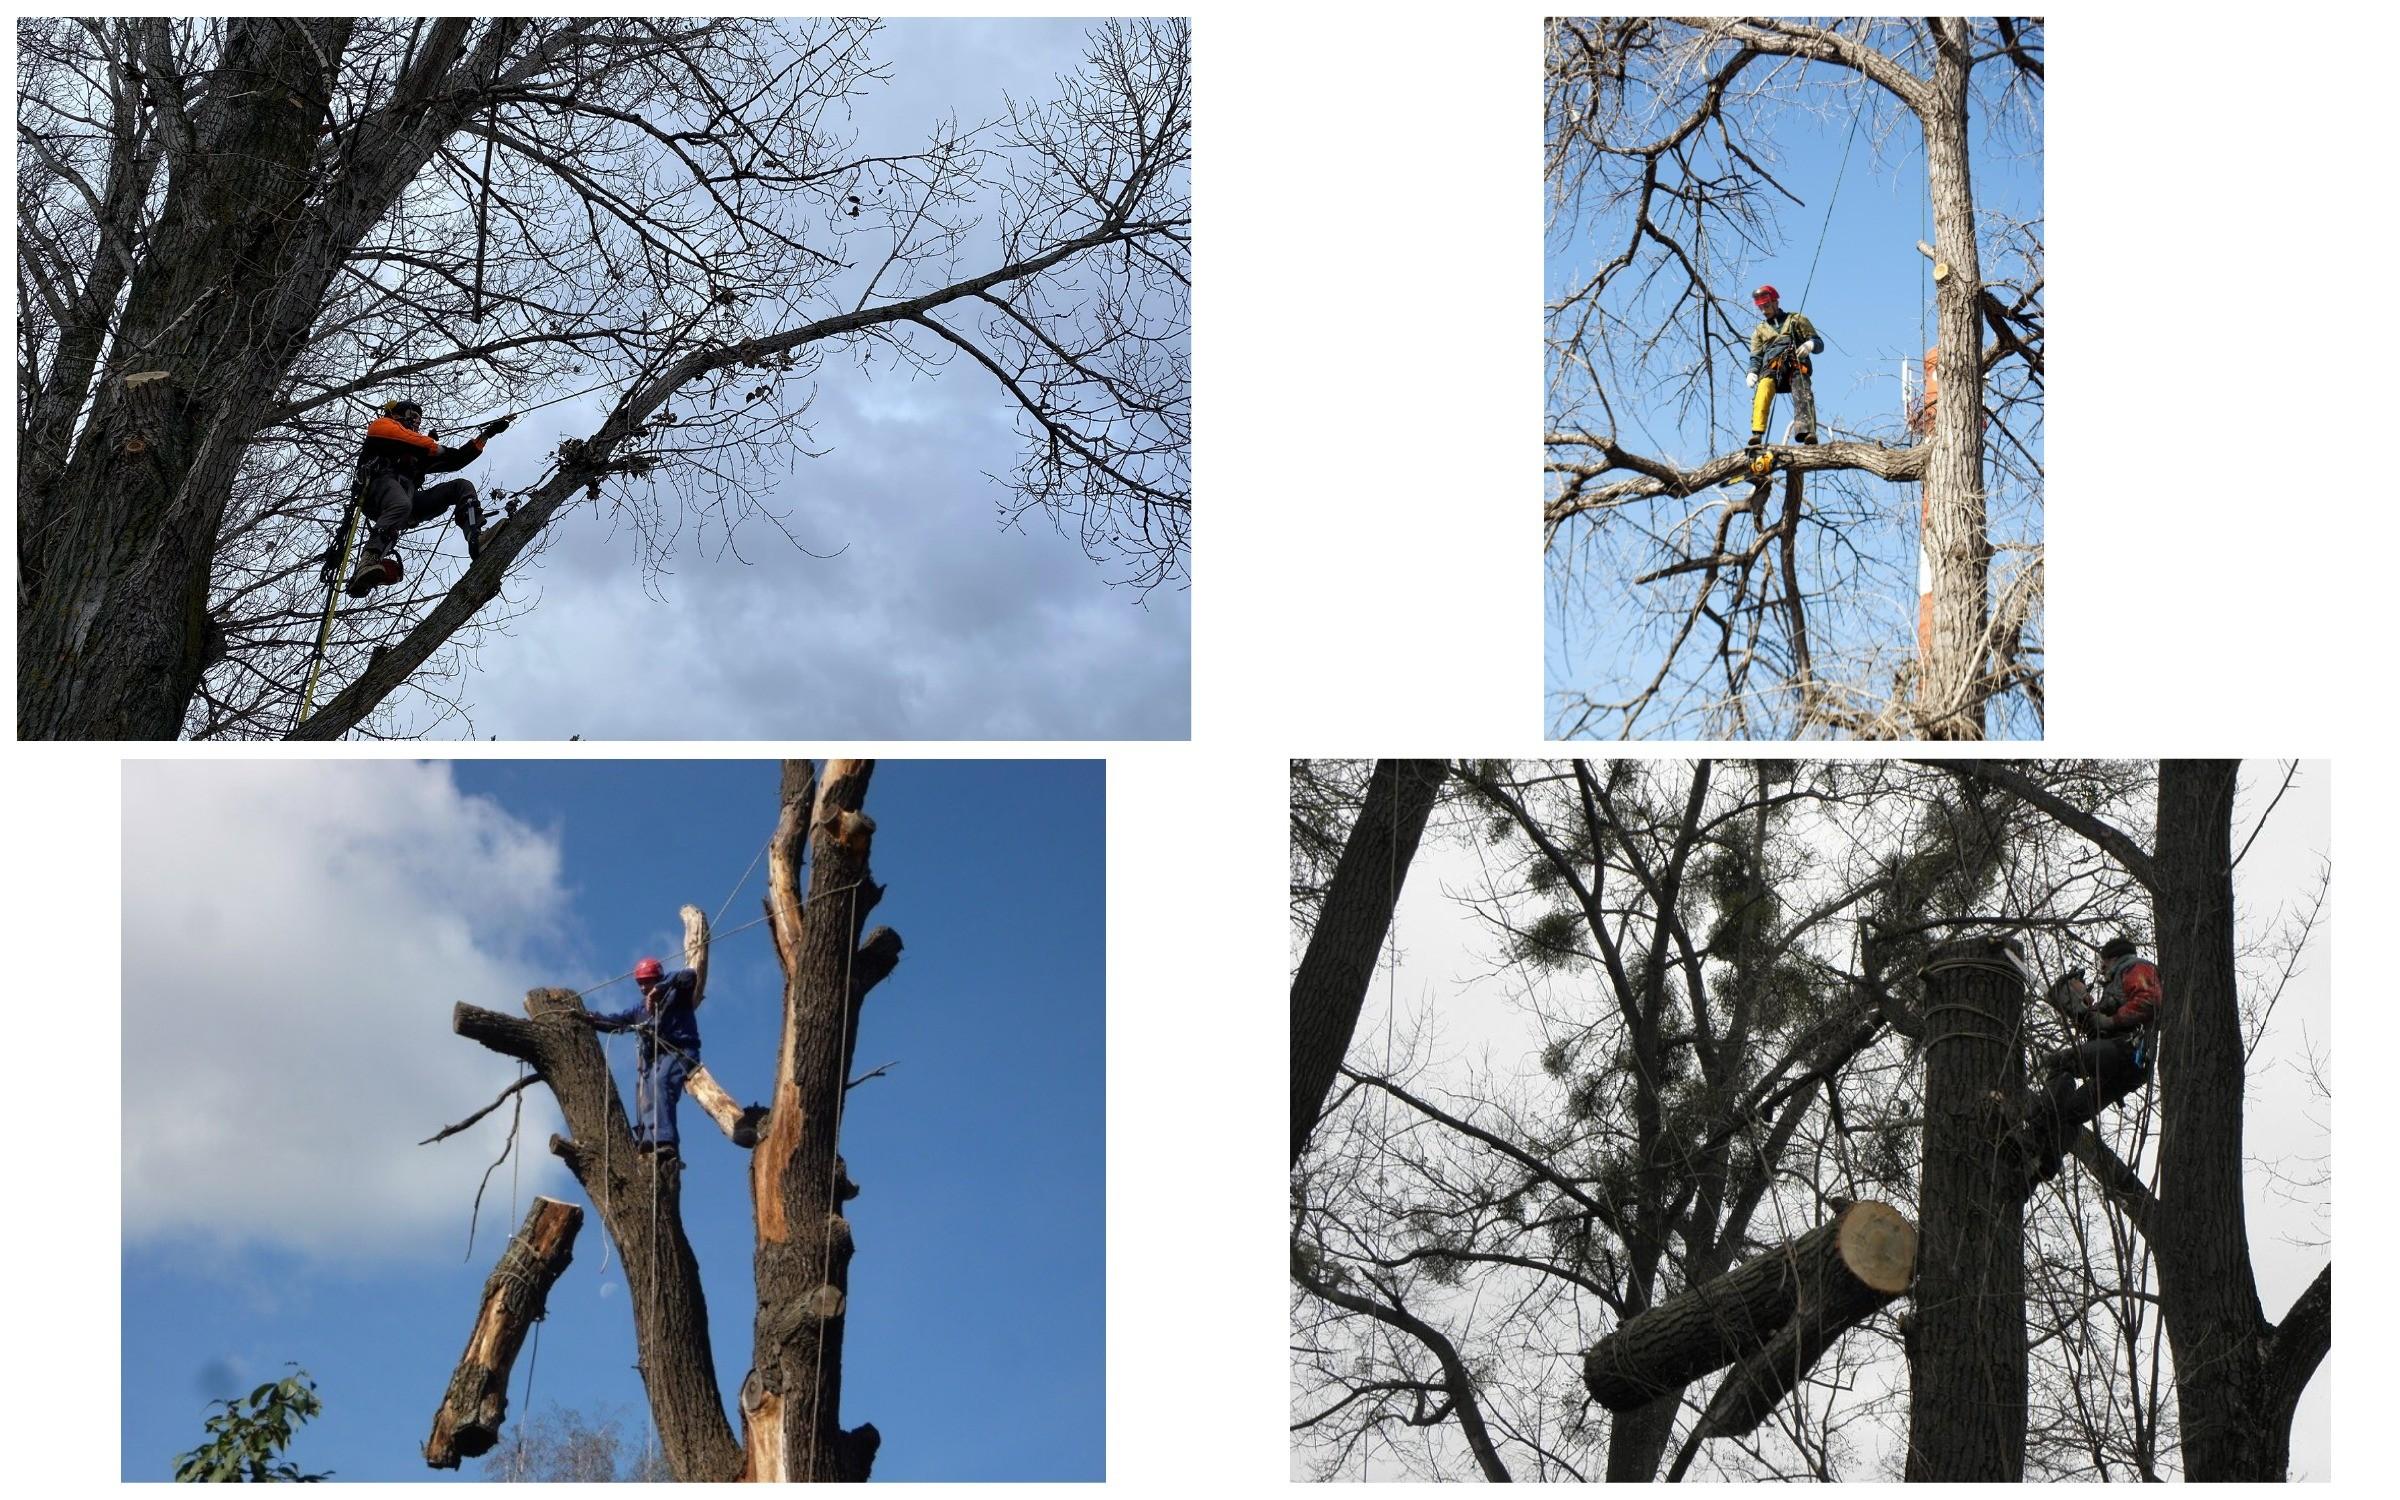 изображение метода спиливания дерева со спуском